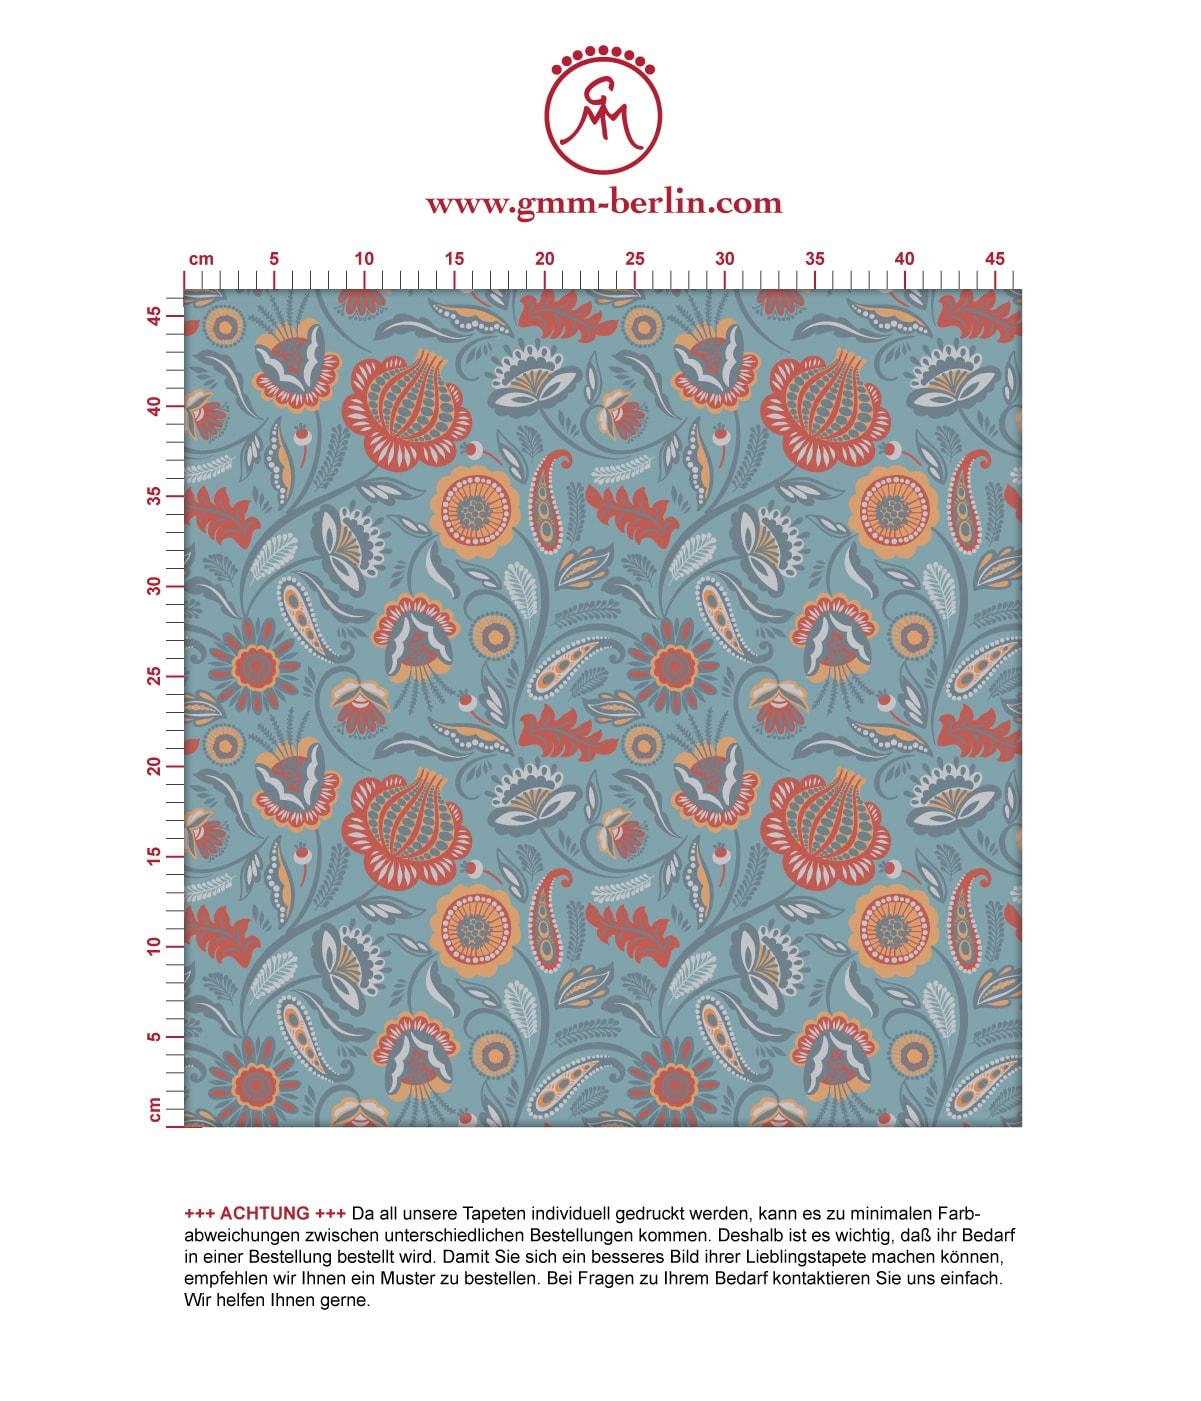 Folklore Blumentapete Garten Vintage Stil in hellblau - Vliestapete Blumen für Schlafzimmer. Aus dem GMM-BERLIN.com Sortiment: Schöne Tapeten in der Farbe: mittelblau